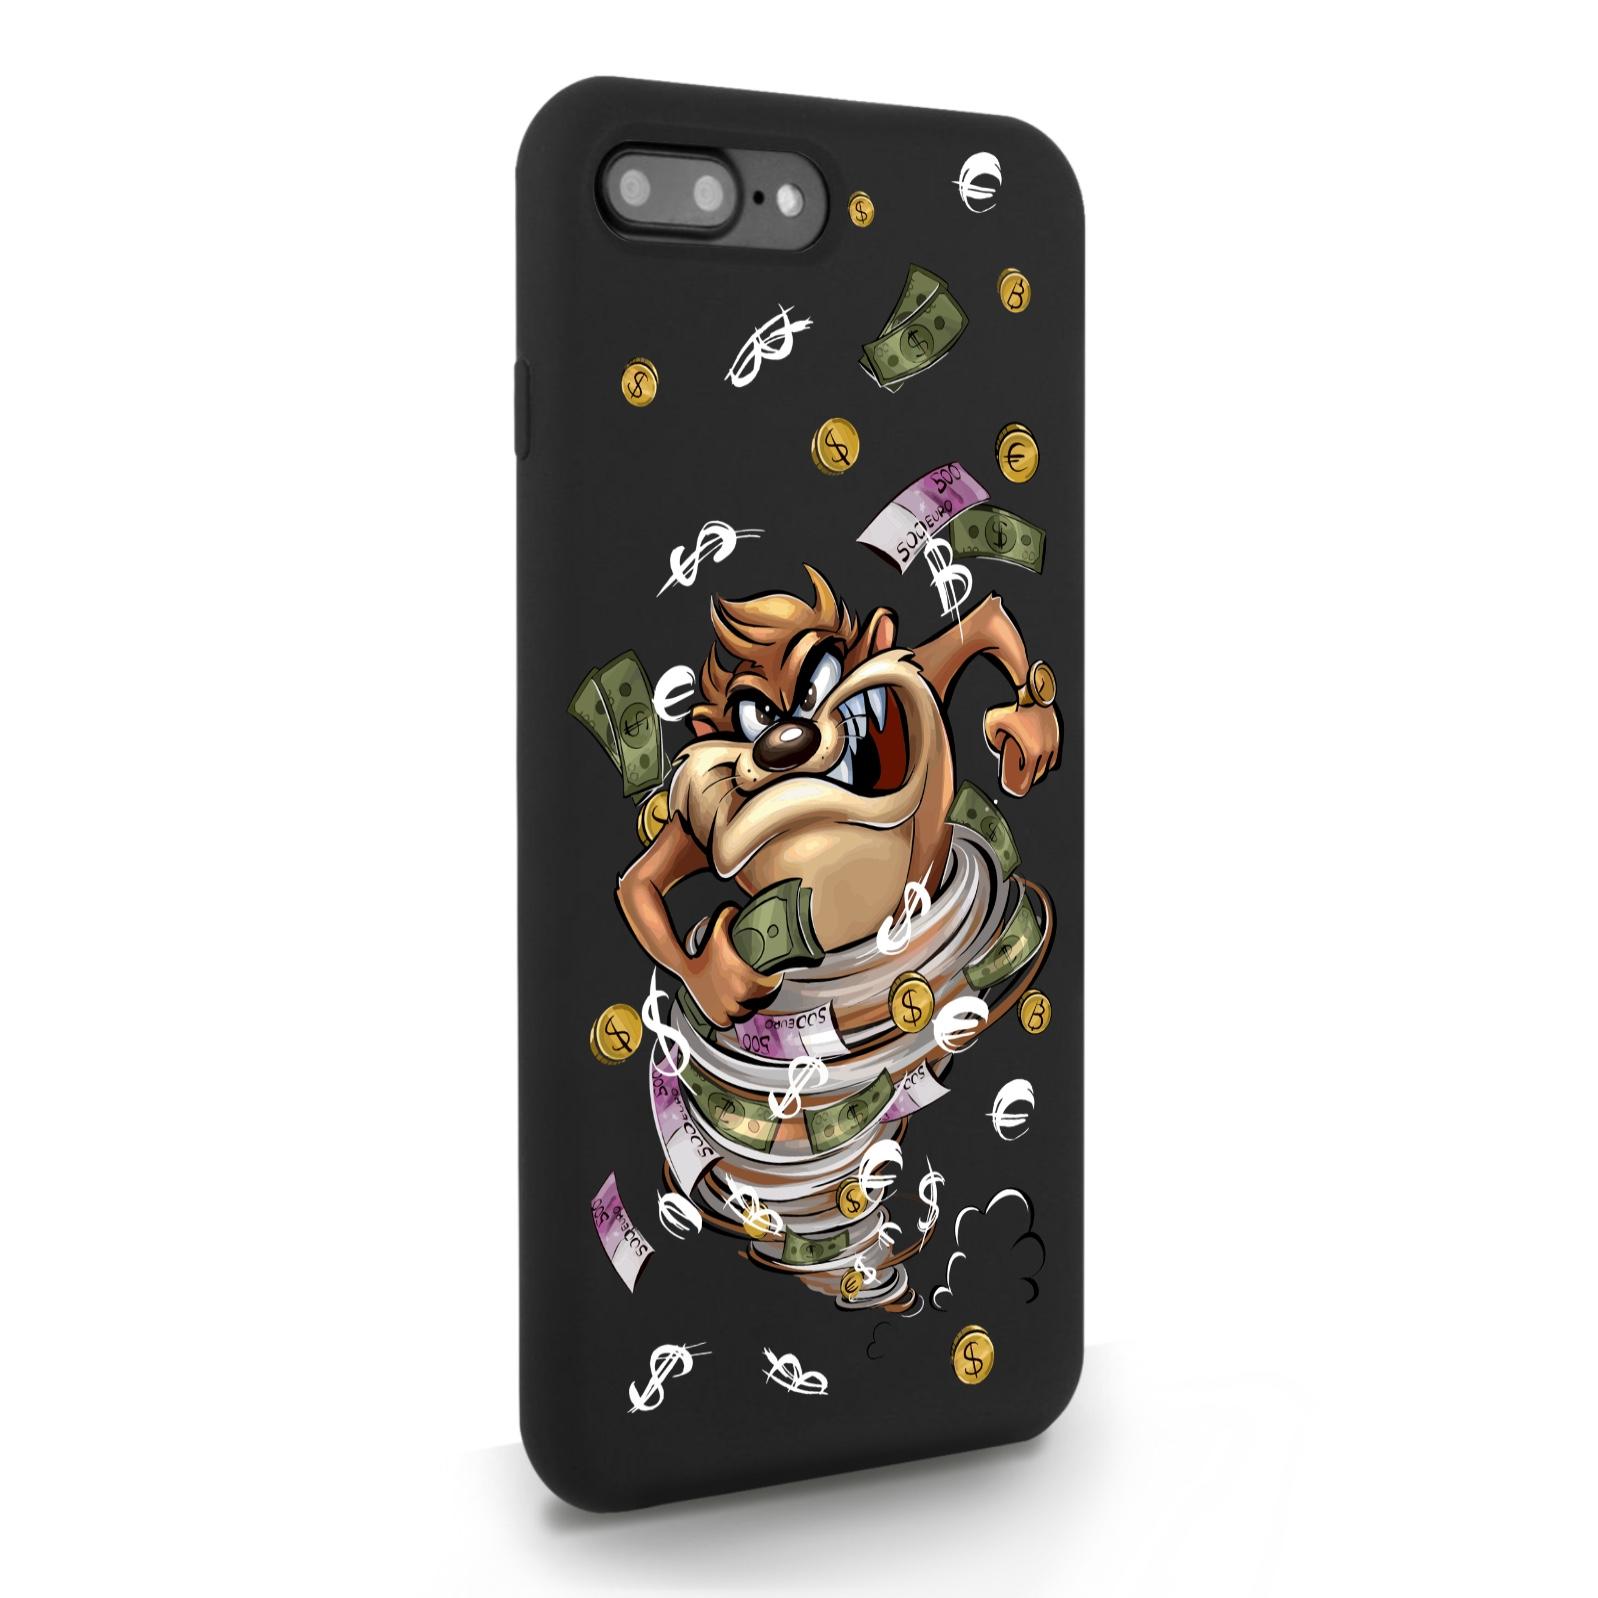 Черный силиконовый чехол для iPhone 7/8 Plus Торнадо для Айфон 7/8 Плюс